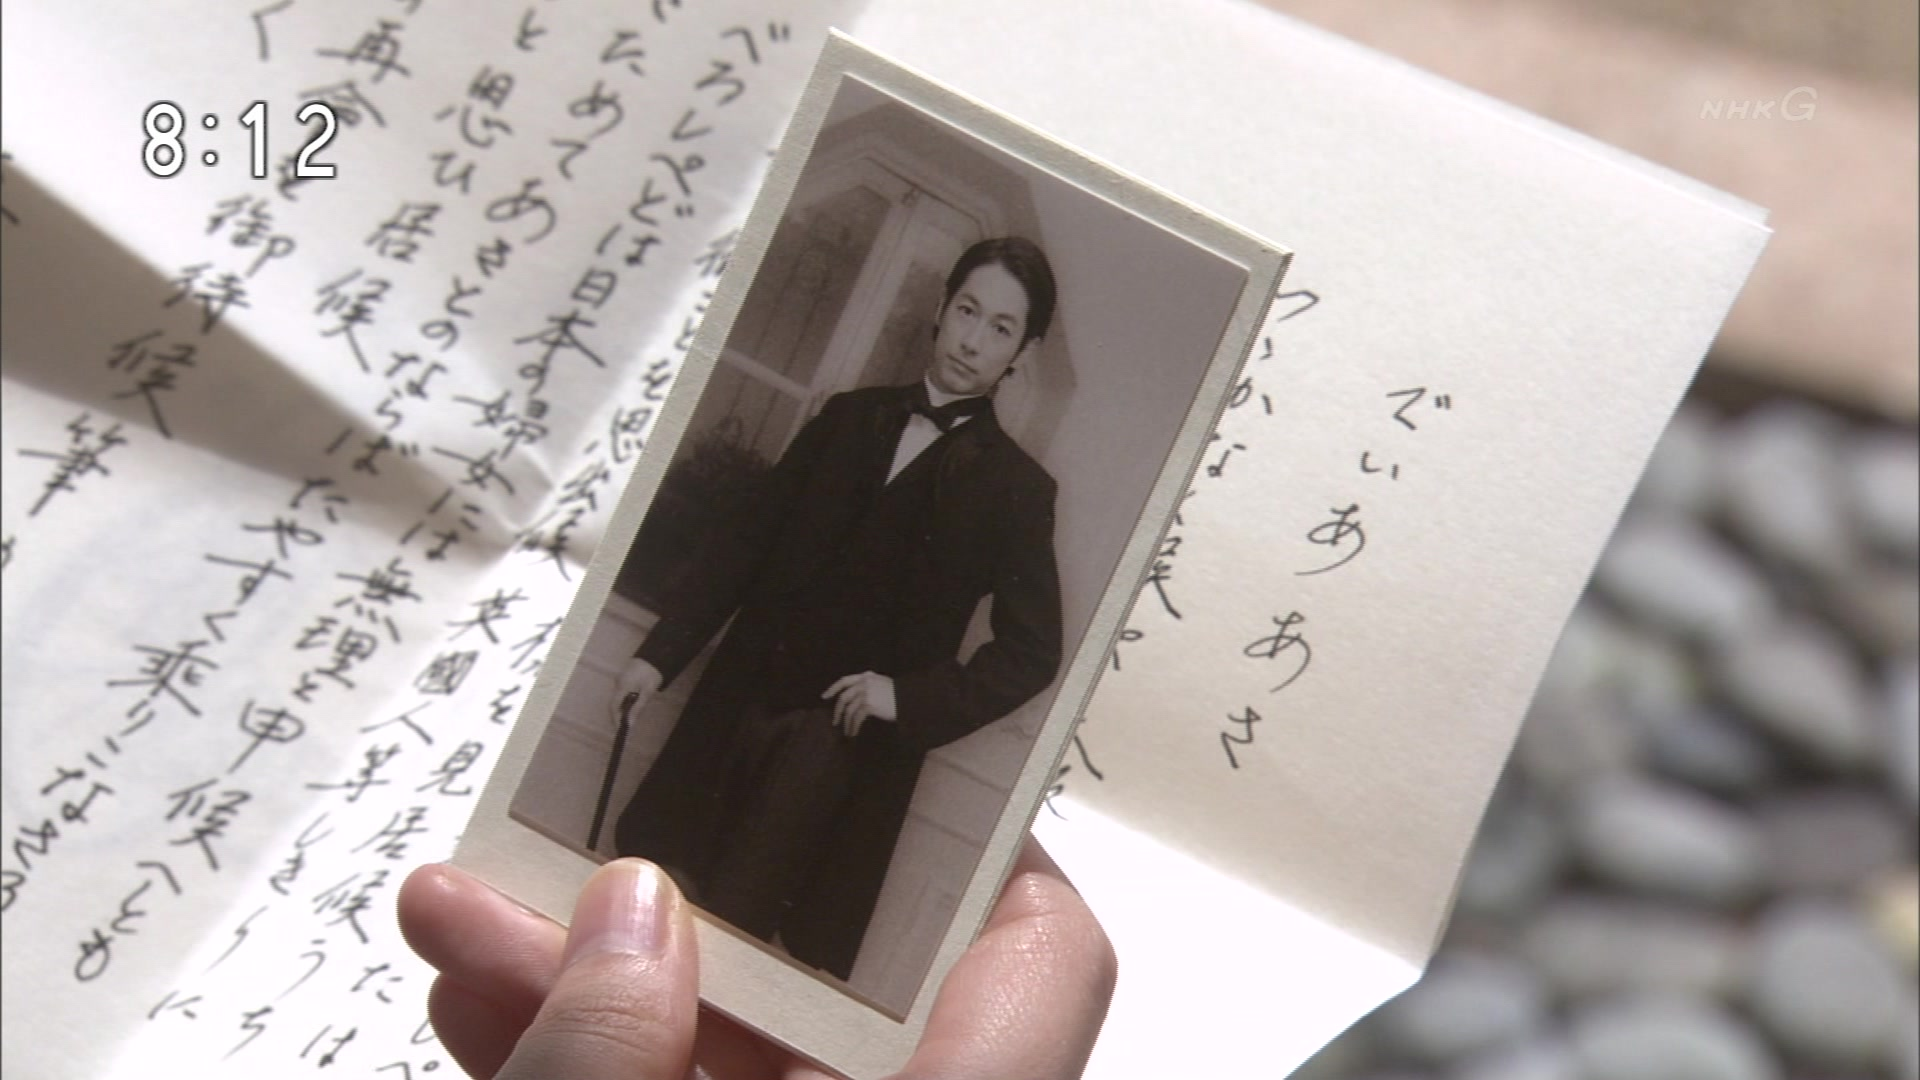 2015-10-07 08:00 連続テレビ小説 あさが来た(9)「ふたつの花びら」 2360